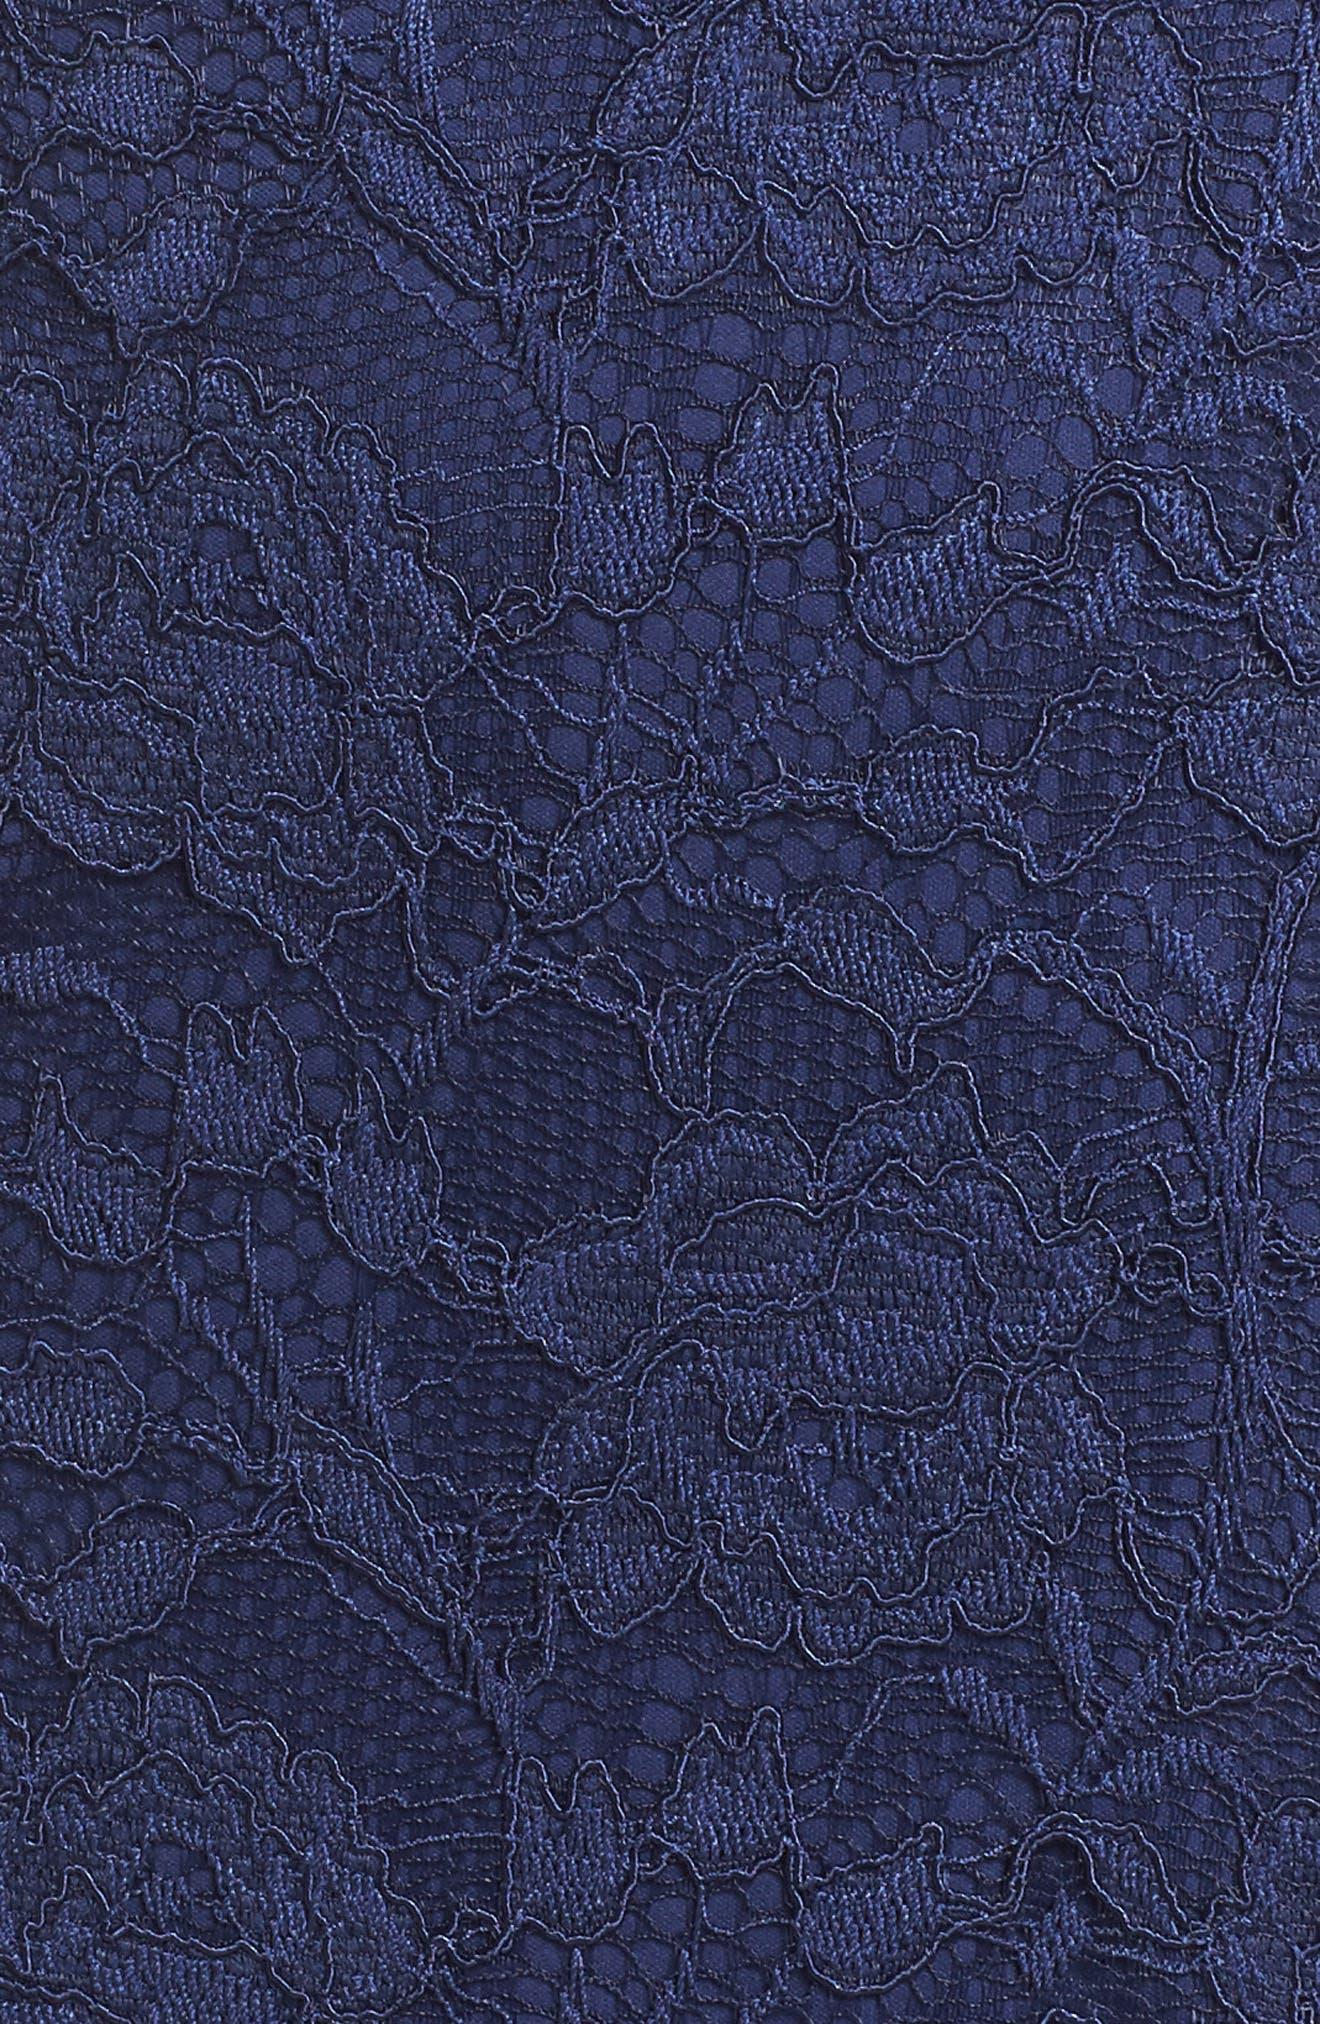 Rose Lace Sheath Dress,                             Alternate thumbnail 5, color,                             412